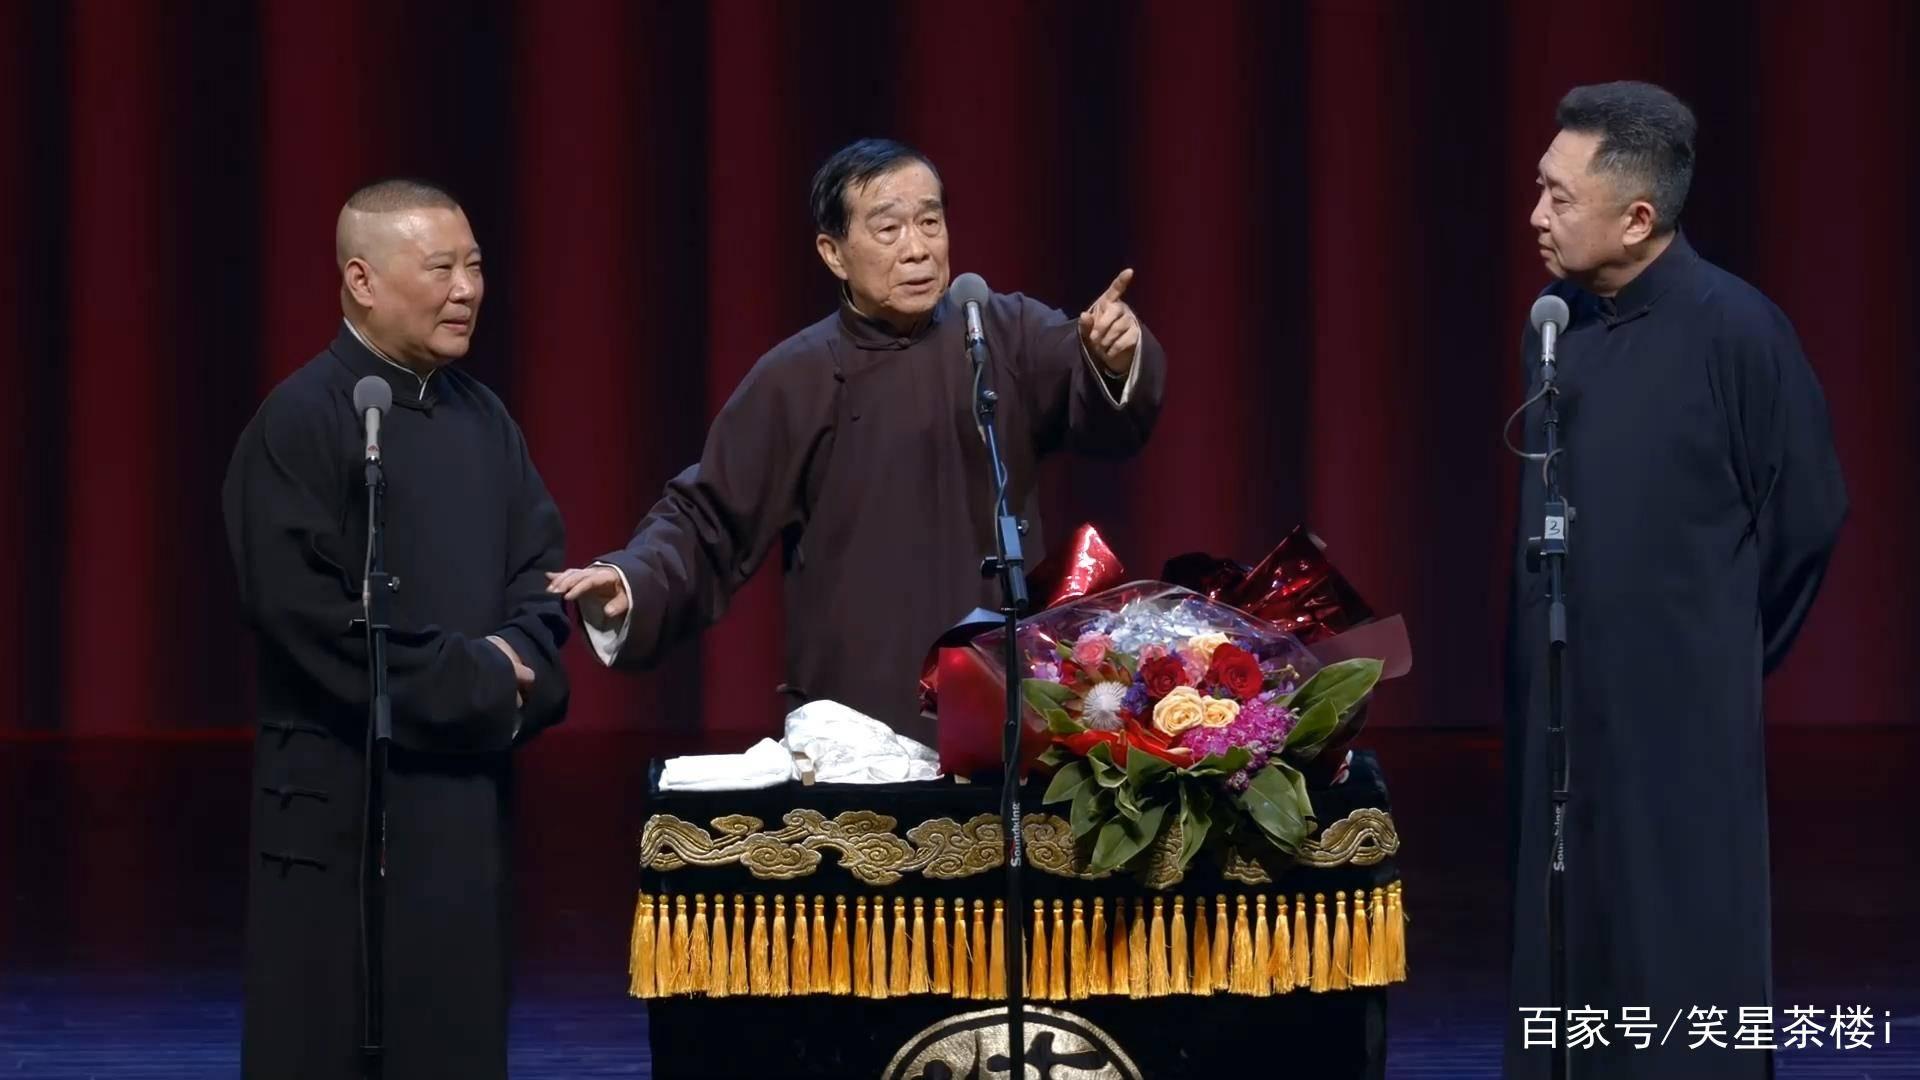 相声大师石富宽,孙越和于谦的师傅,与侯耀文搭档四十多年